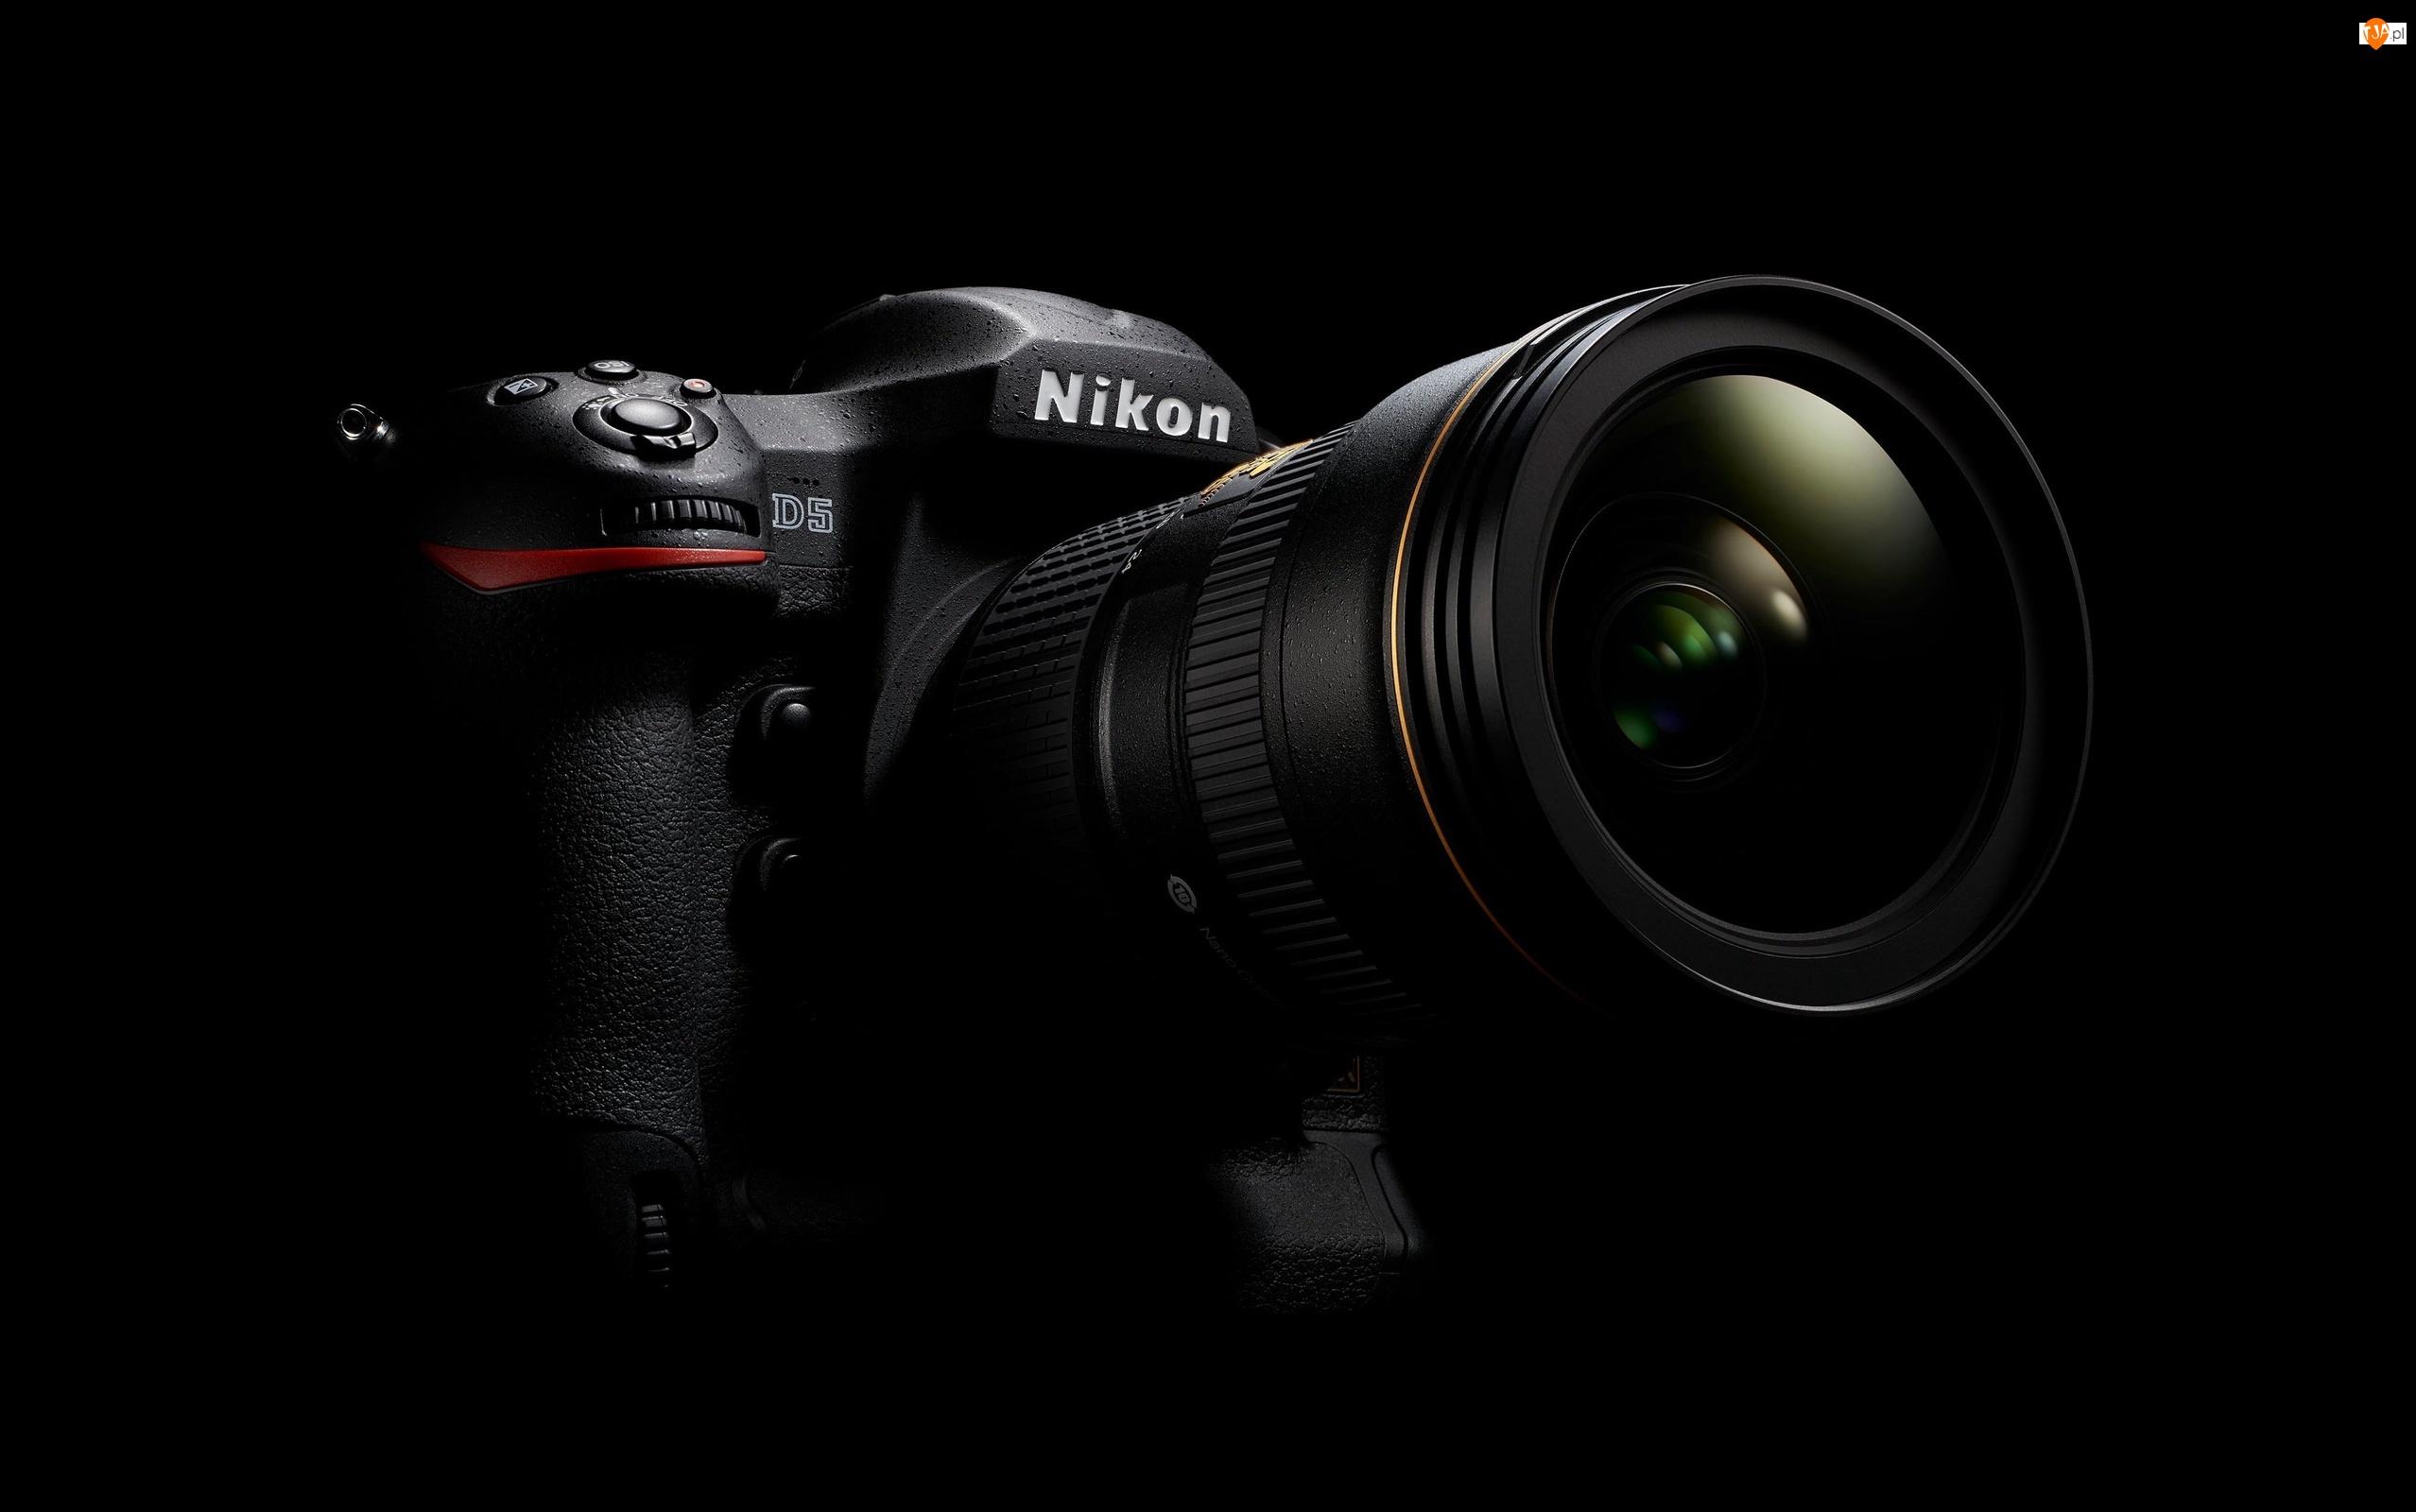 Aparat, Nikon D5, Cyfrowy, Lustrzanka